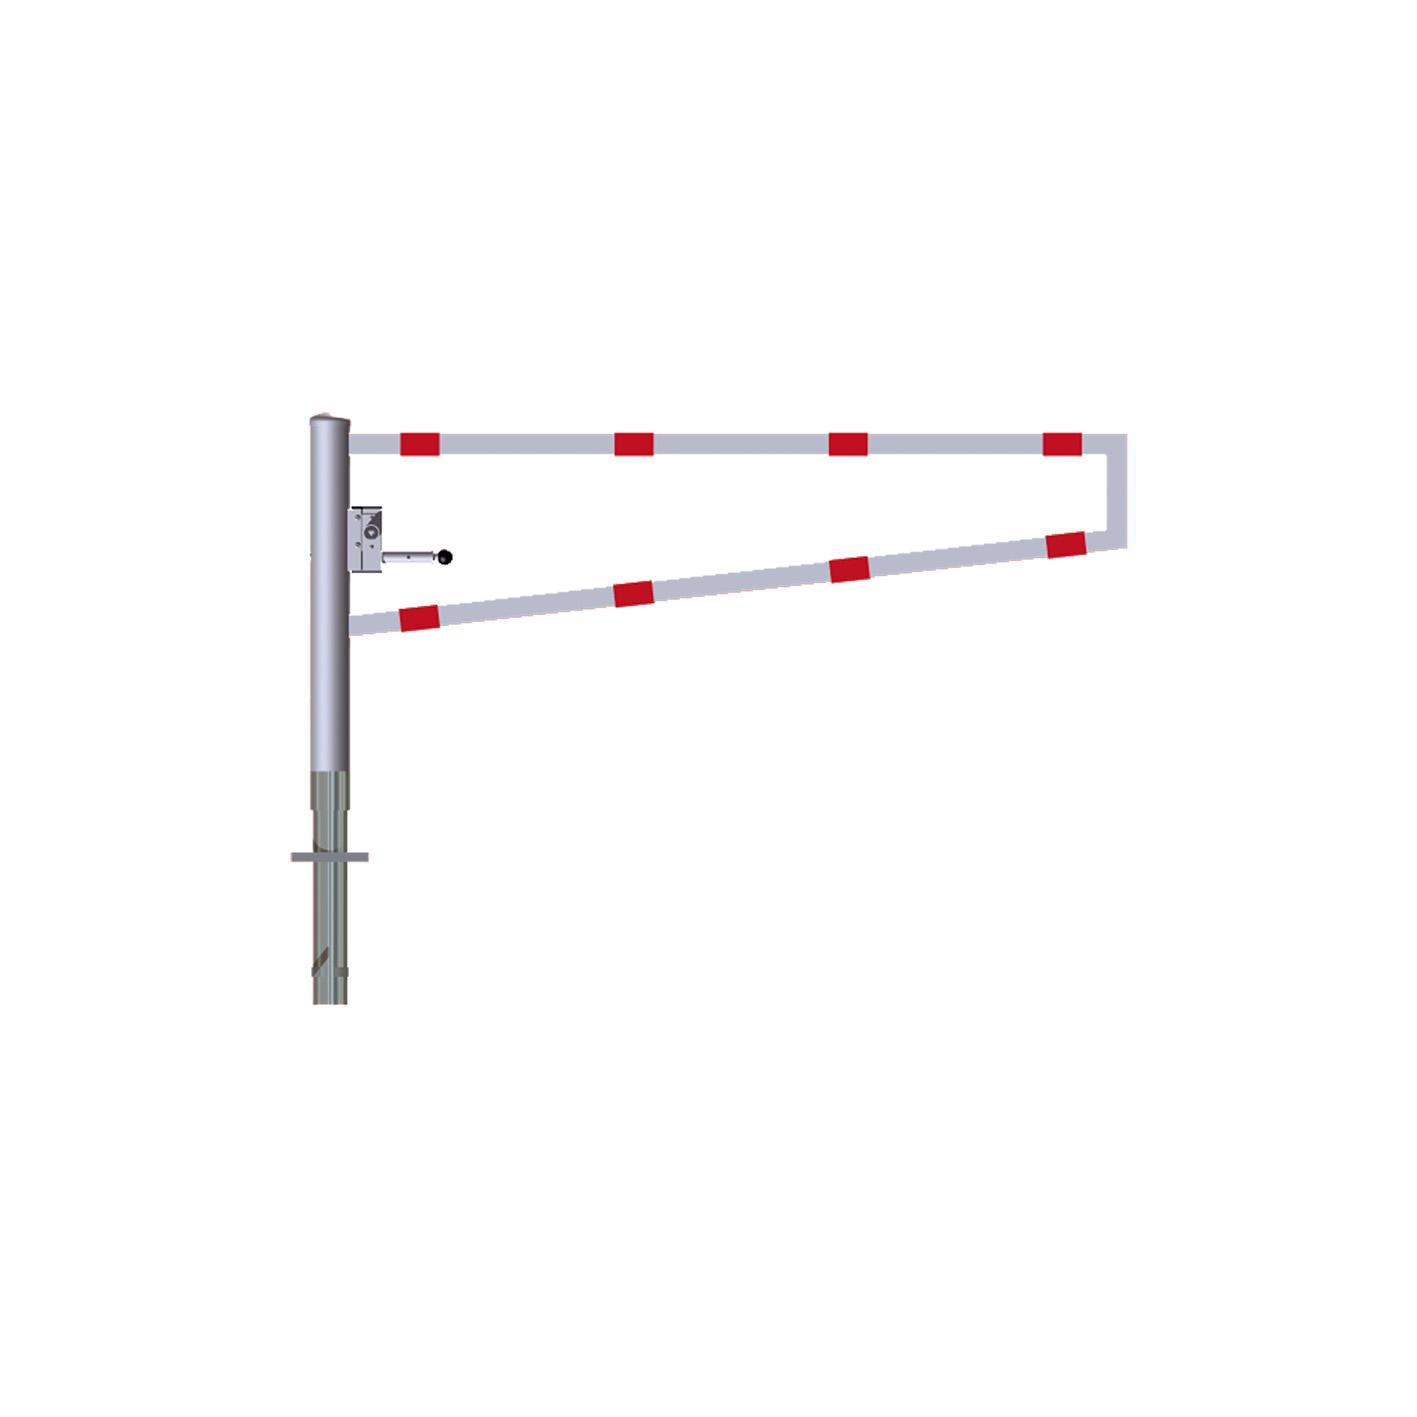 Drehbare Wegesperre, mit selbsteinrastender Verriegelung, 1,5 bis 3,5 m x 950 mm